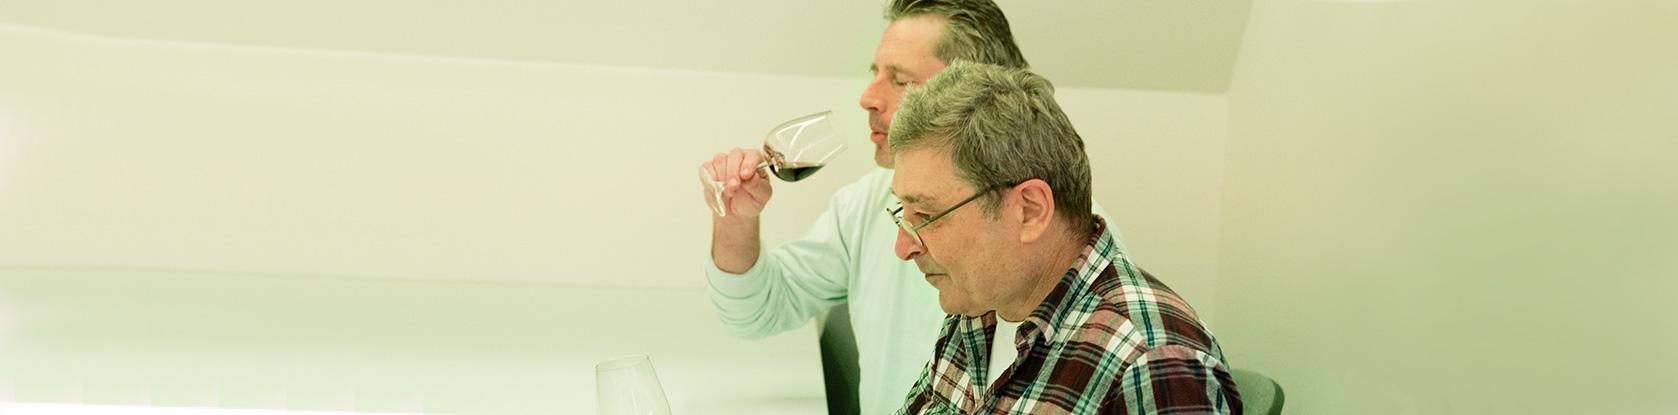 Weinlabor Klingler - Weinprobe im Sensorikraum